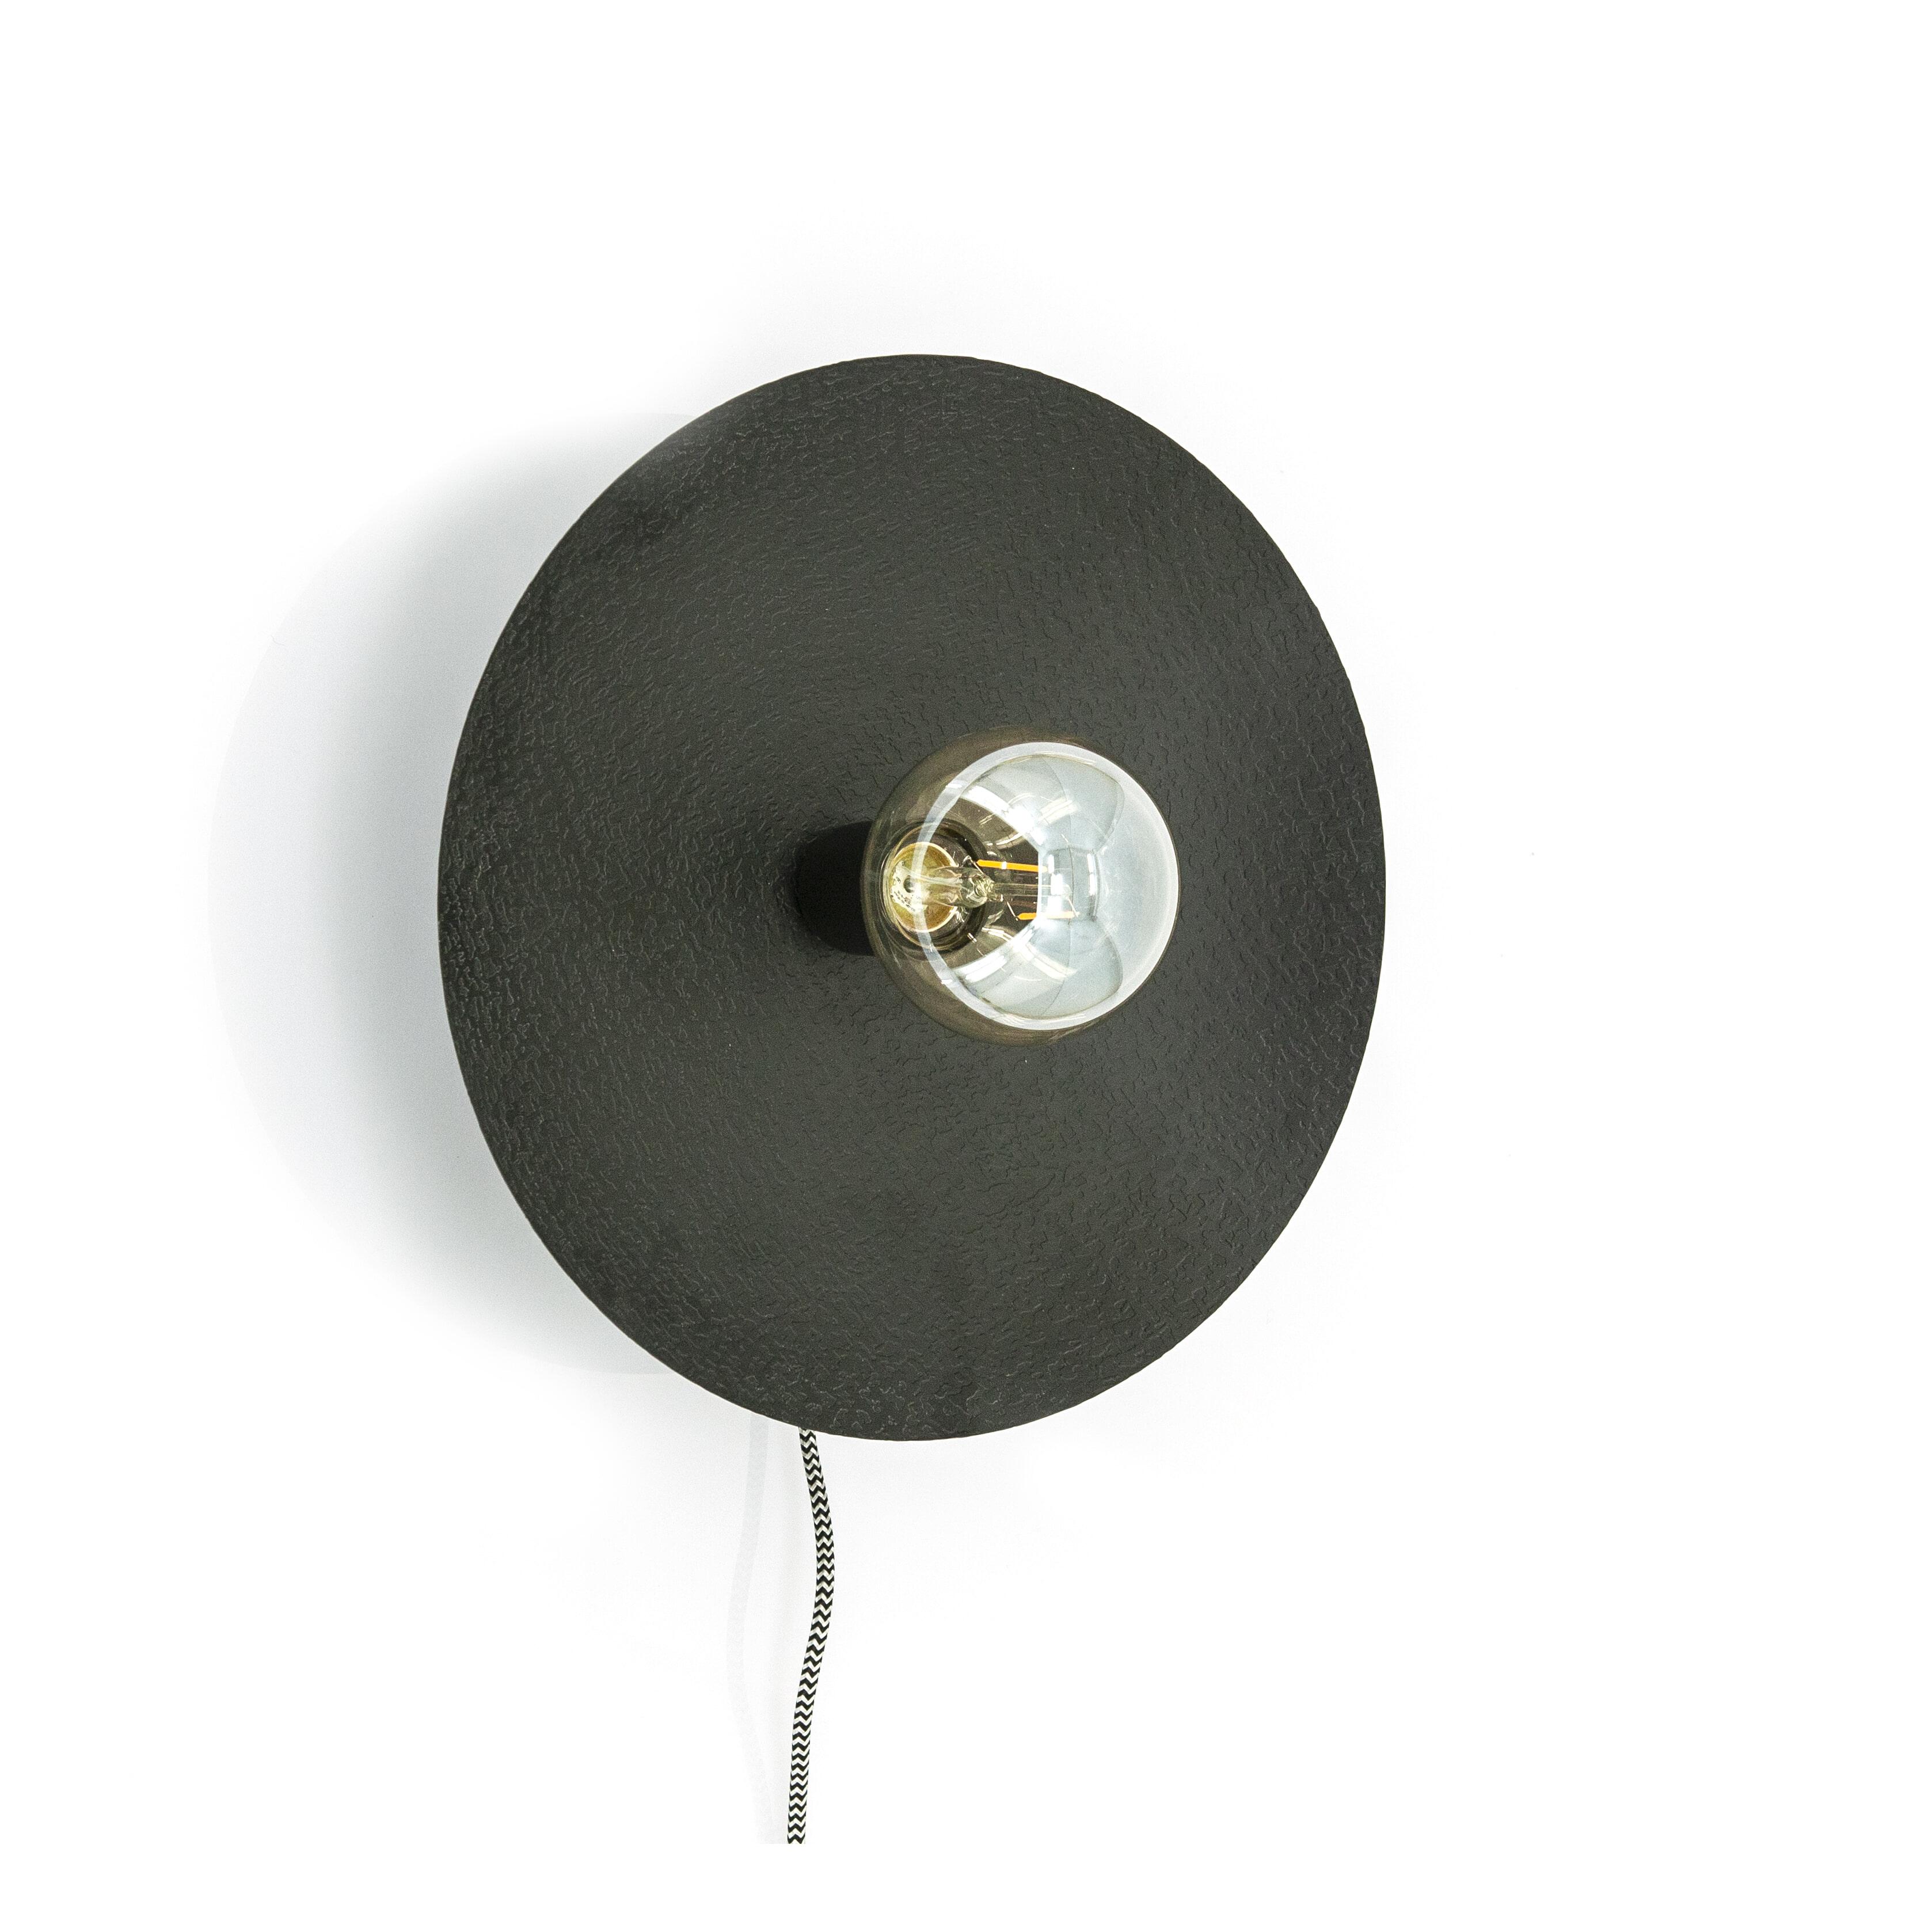 By-Boo Wandlamp 'Horus' Klein, kleur Zwart